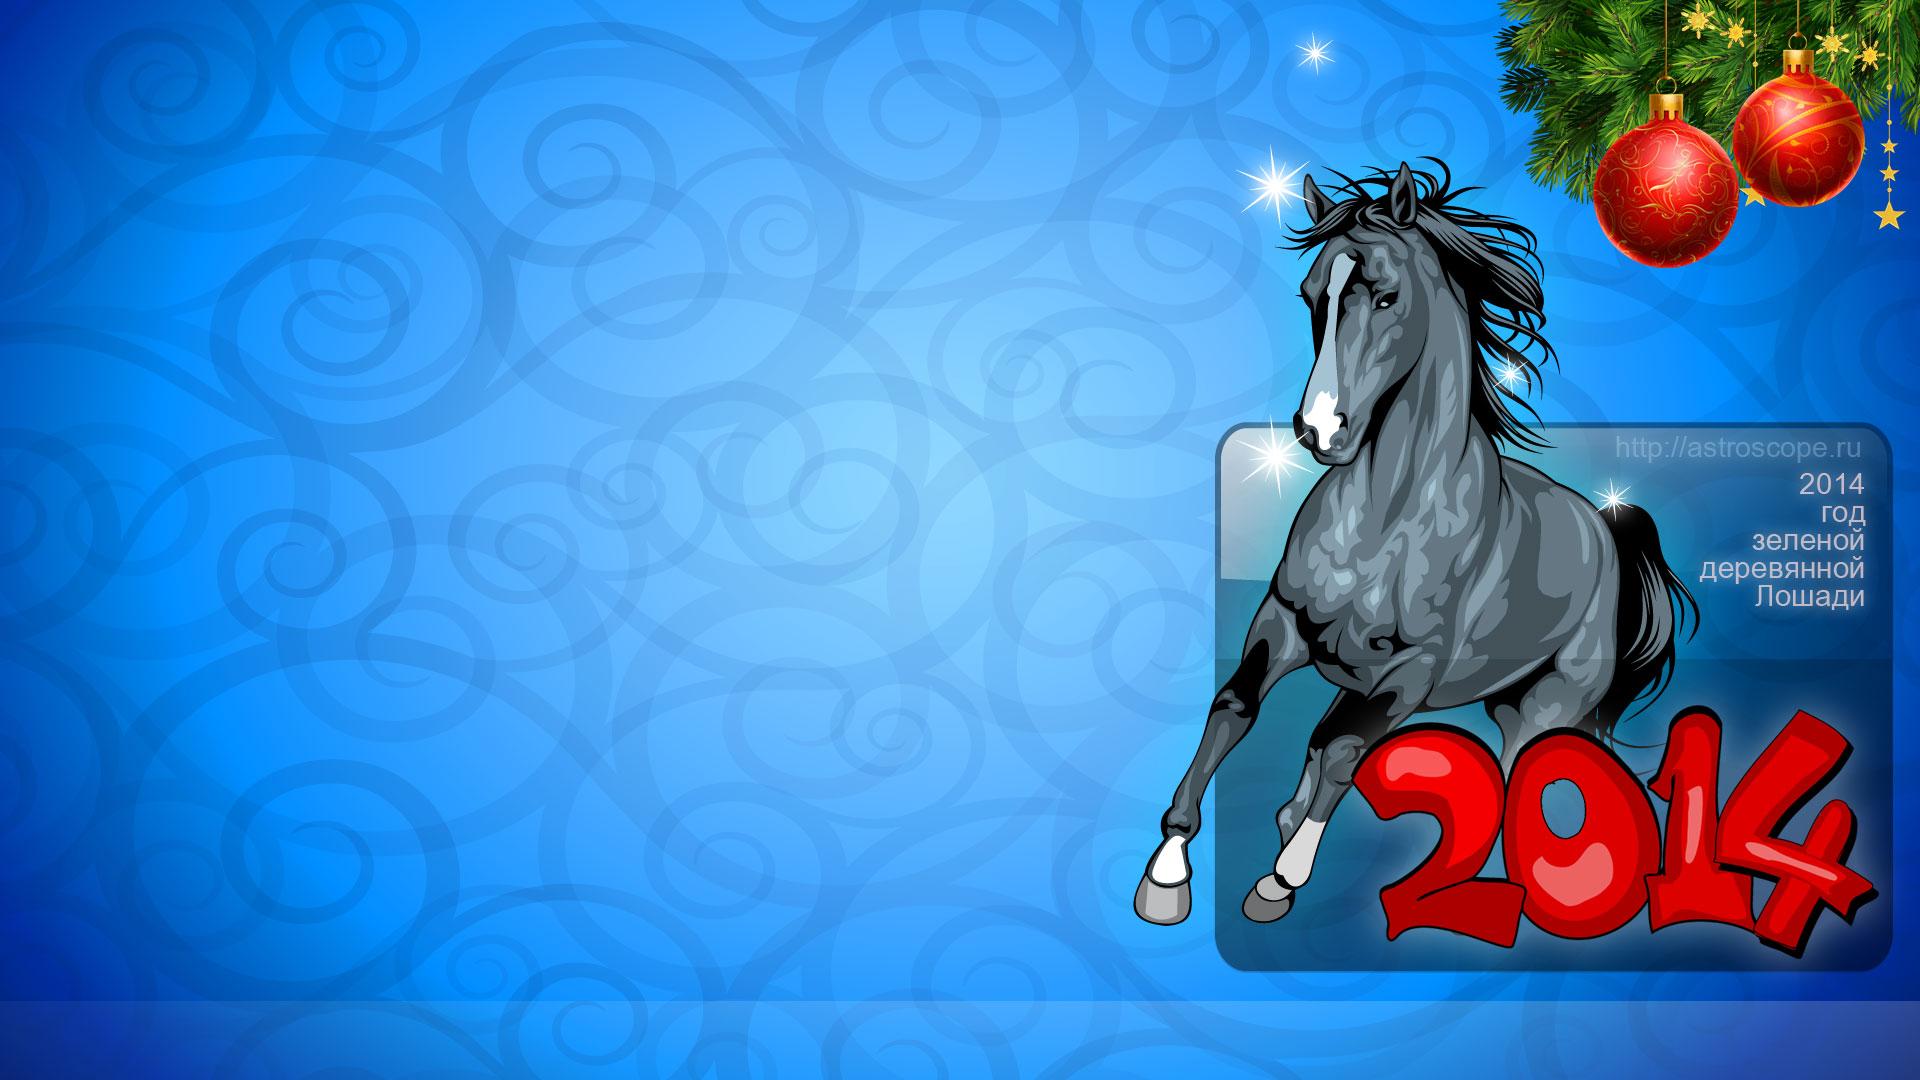 Год лошади прикольная картинка